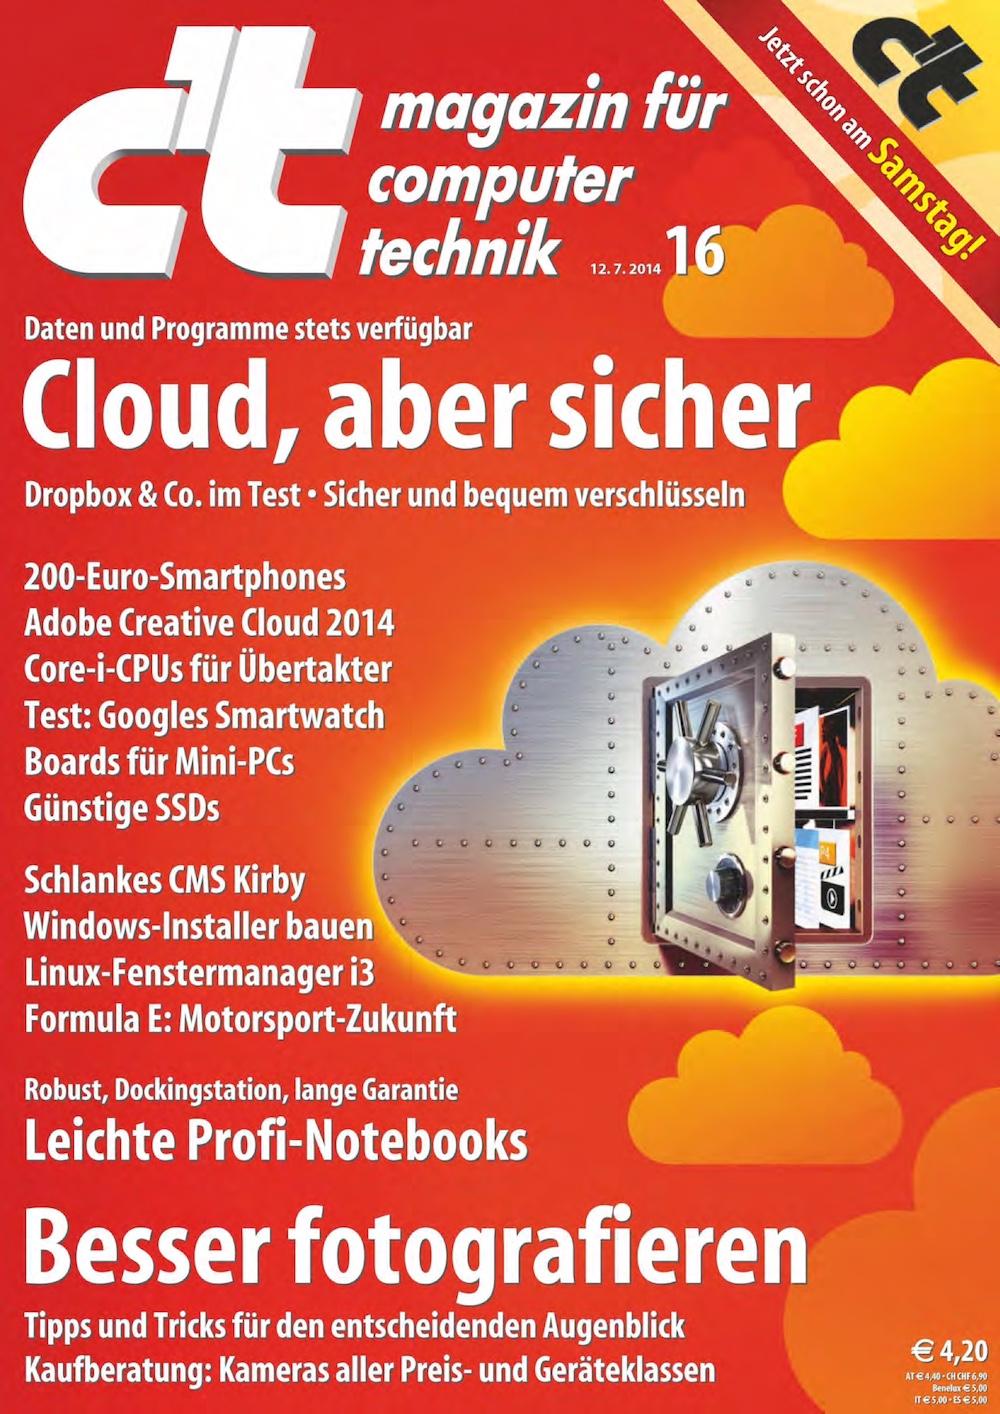 c't Magazin 2014-16